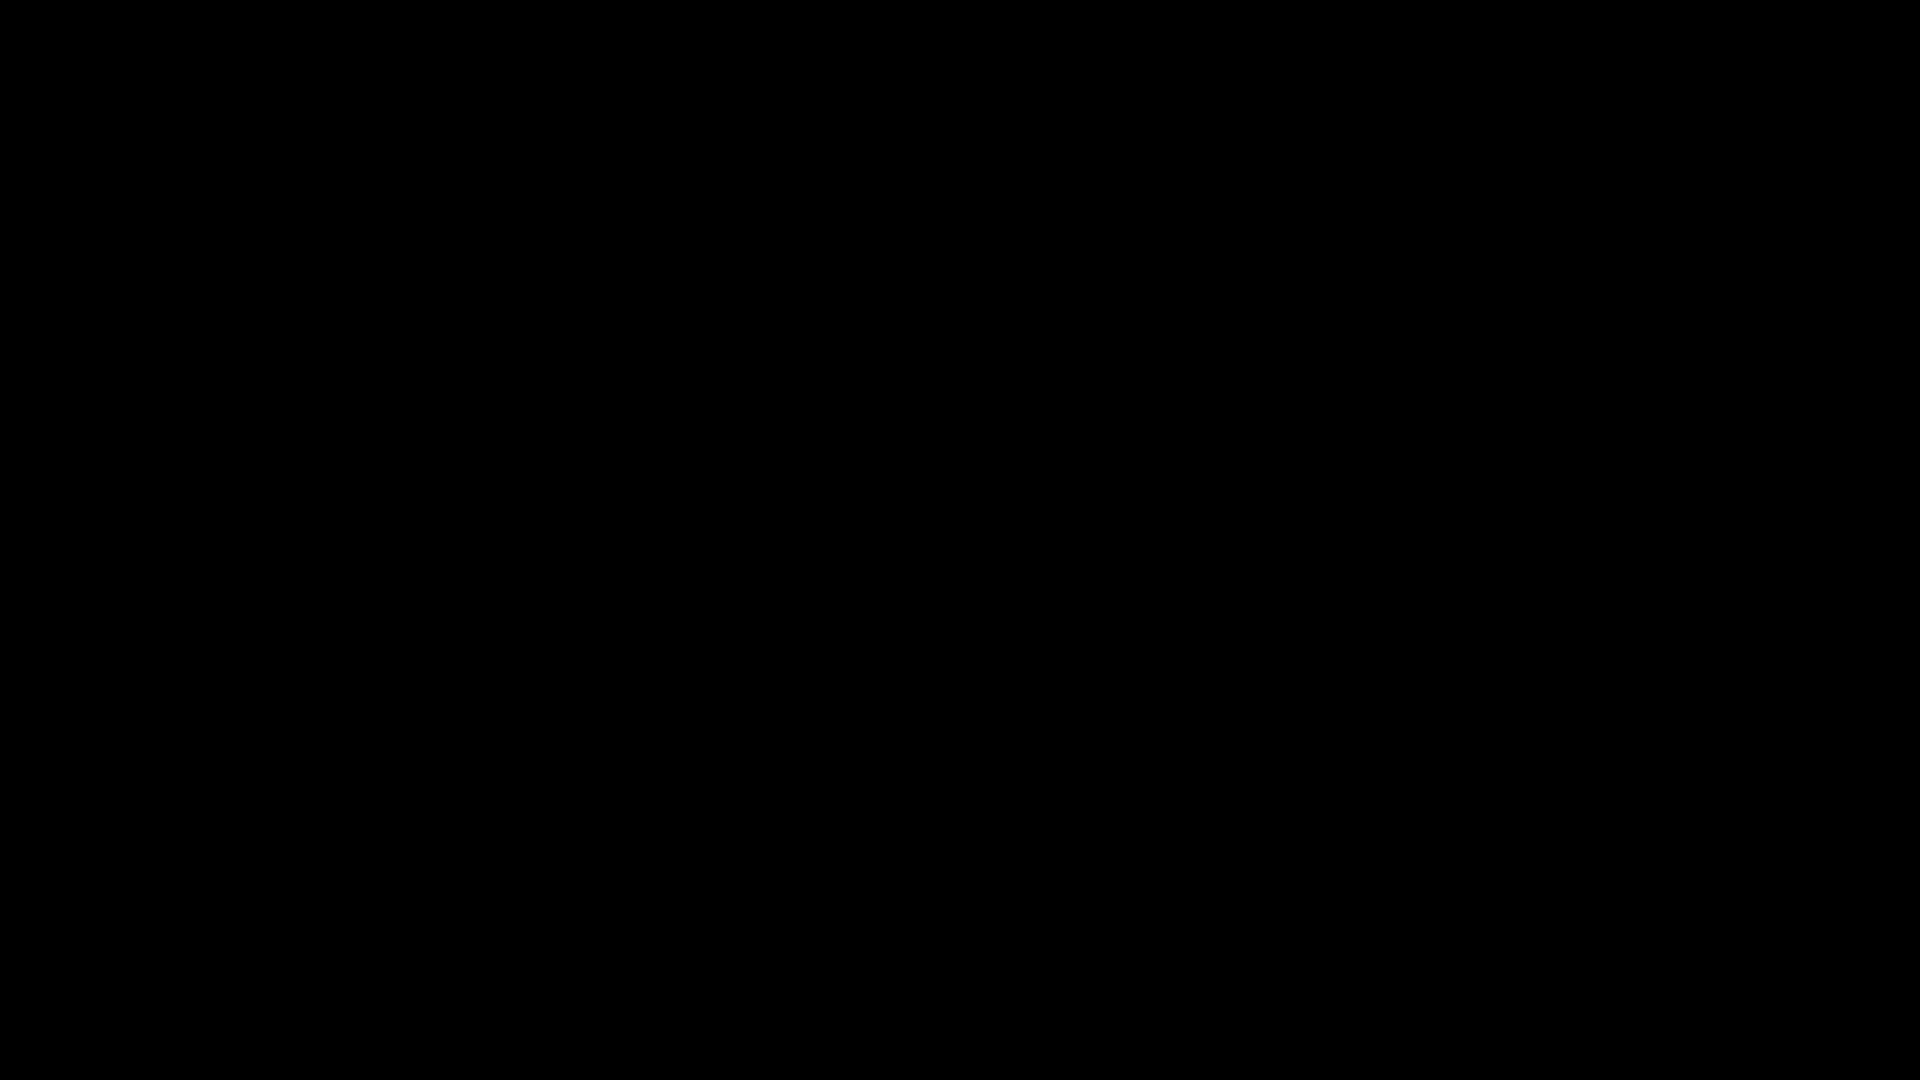 बिजली आँगन हीटर पैनल हीटर रिमोट के साथ 1800 w